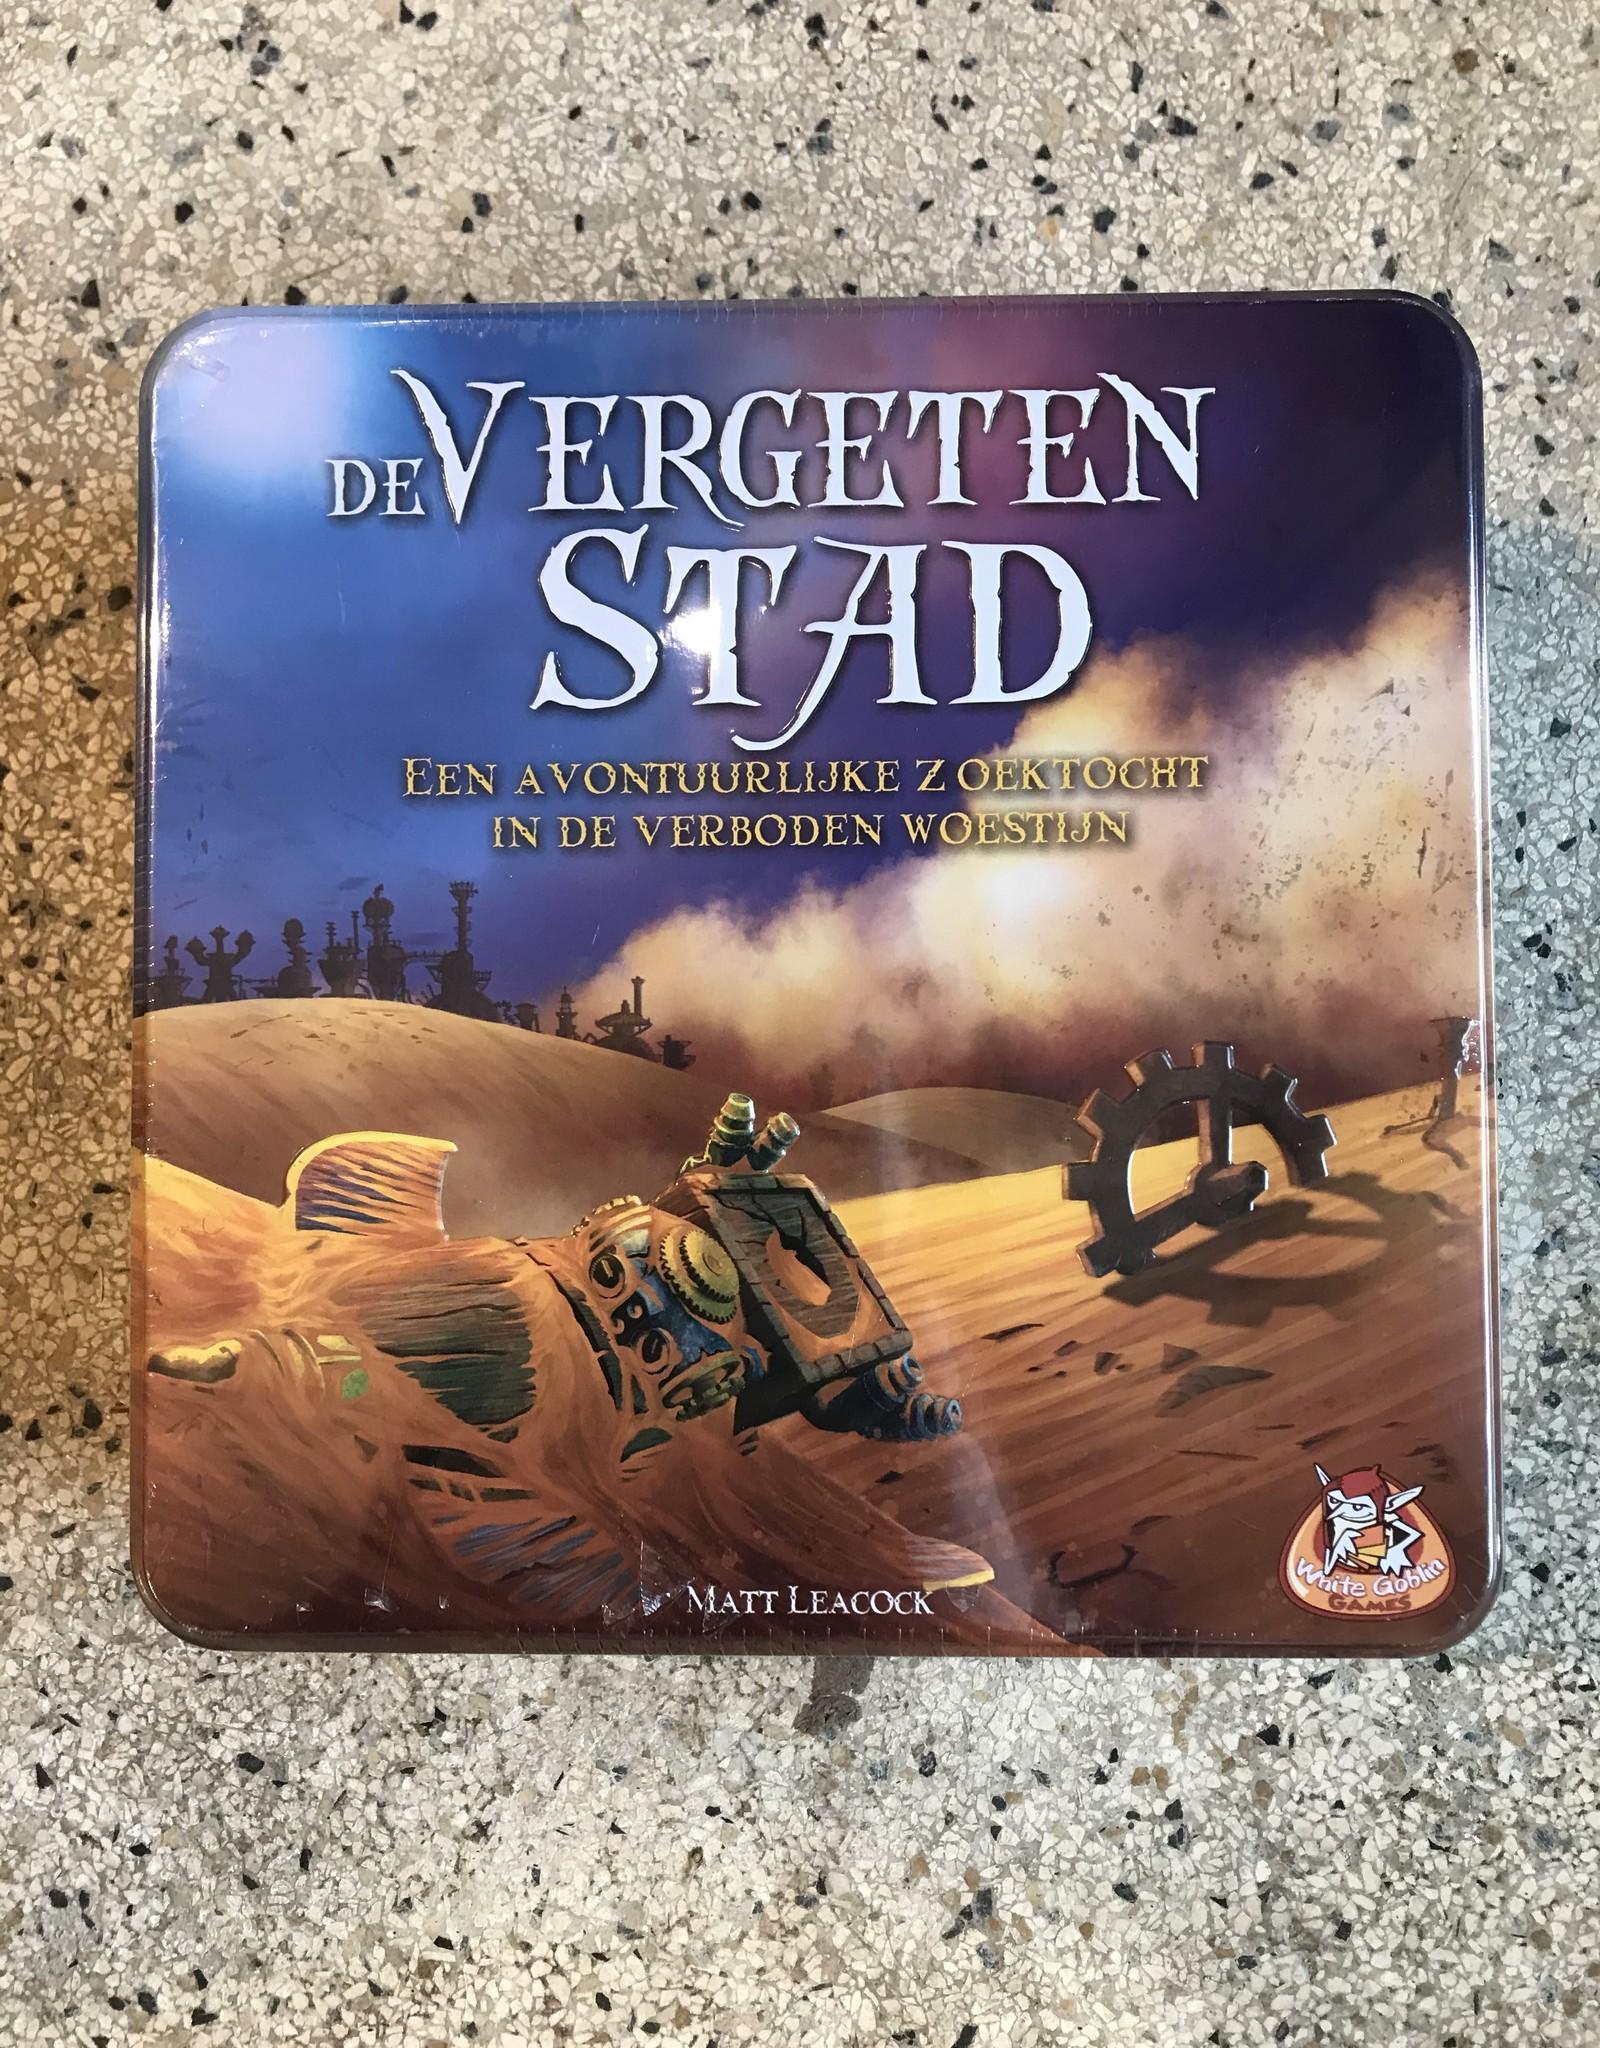 White goblins De vergeten stad - boardgame (in Dutch!)